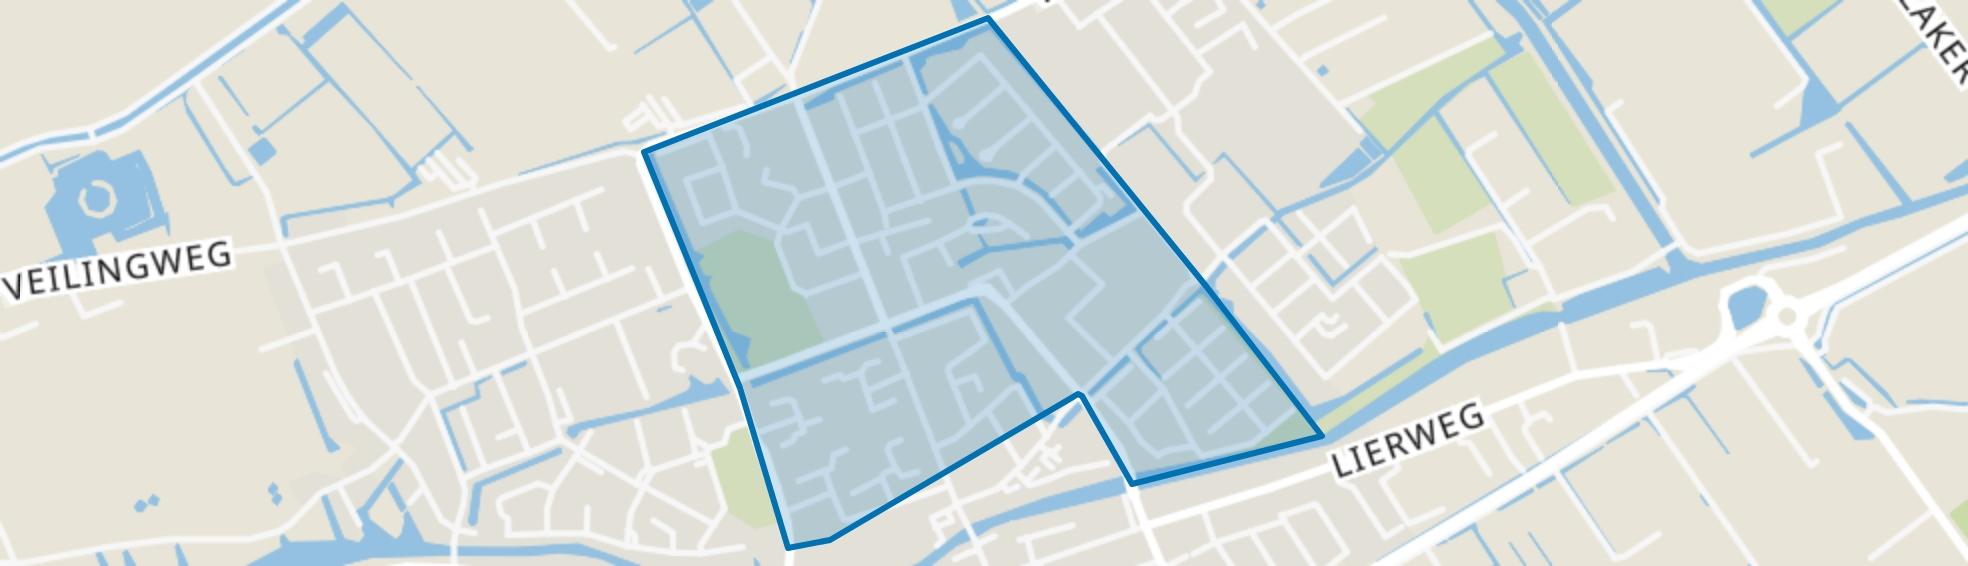 Bleyenburg, De Lier map